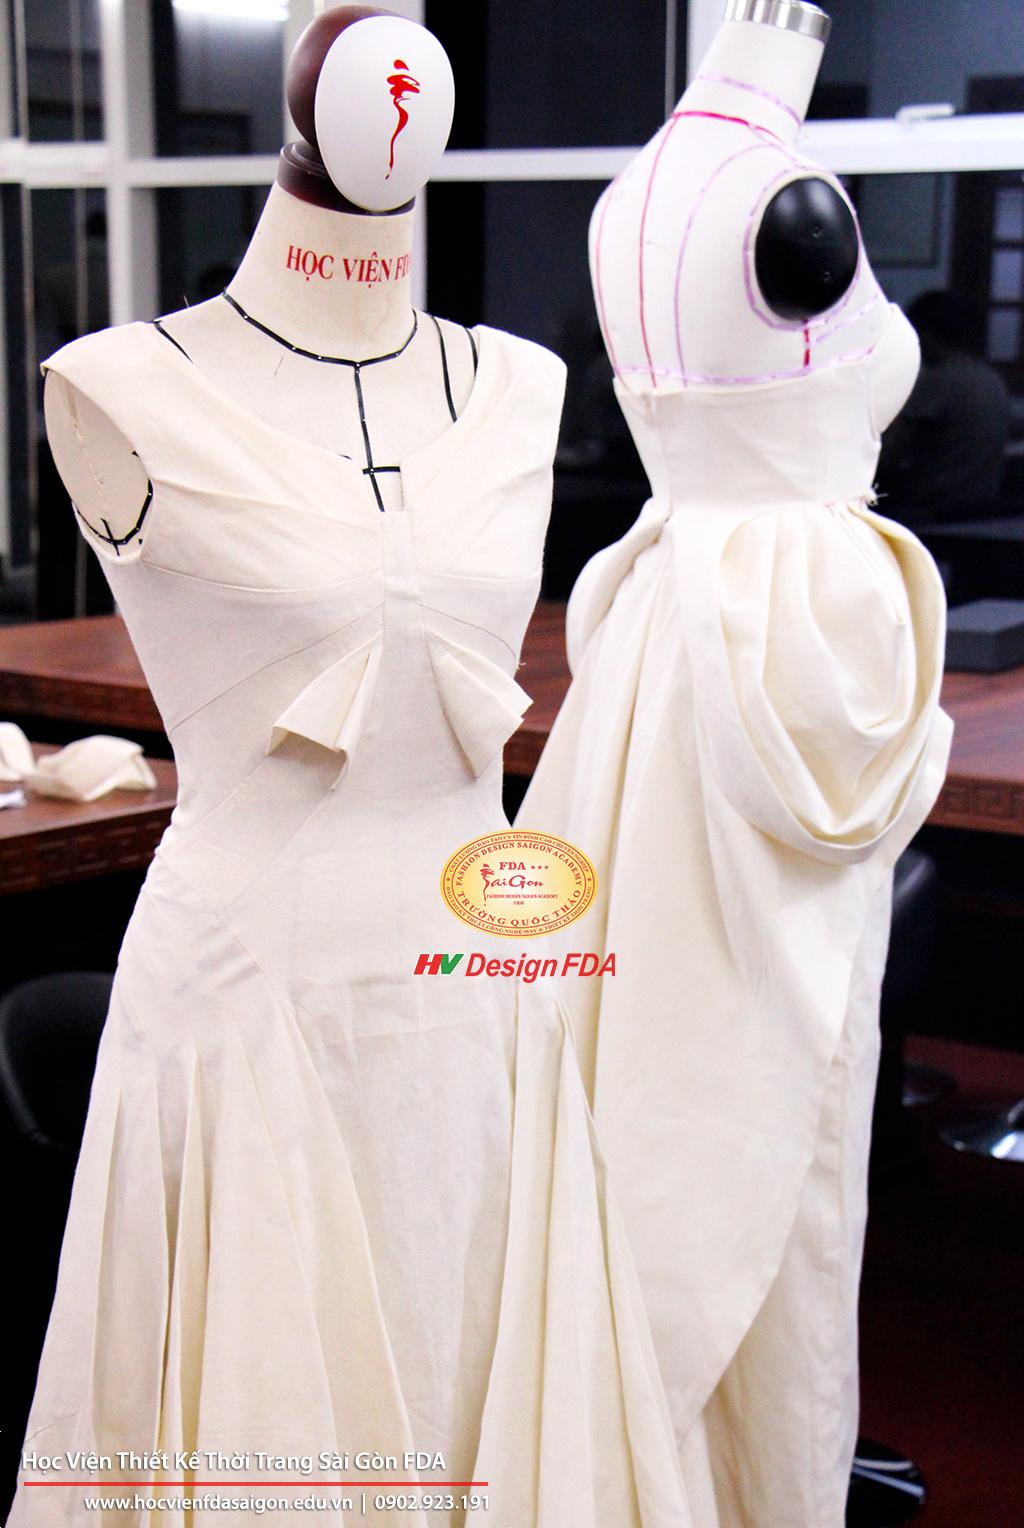 Thiết Kế Rập 3D Trên Mannequin - Fashion Draping